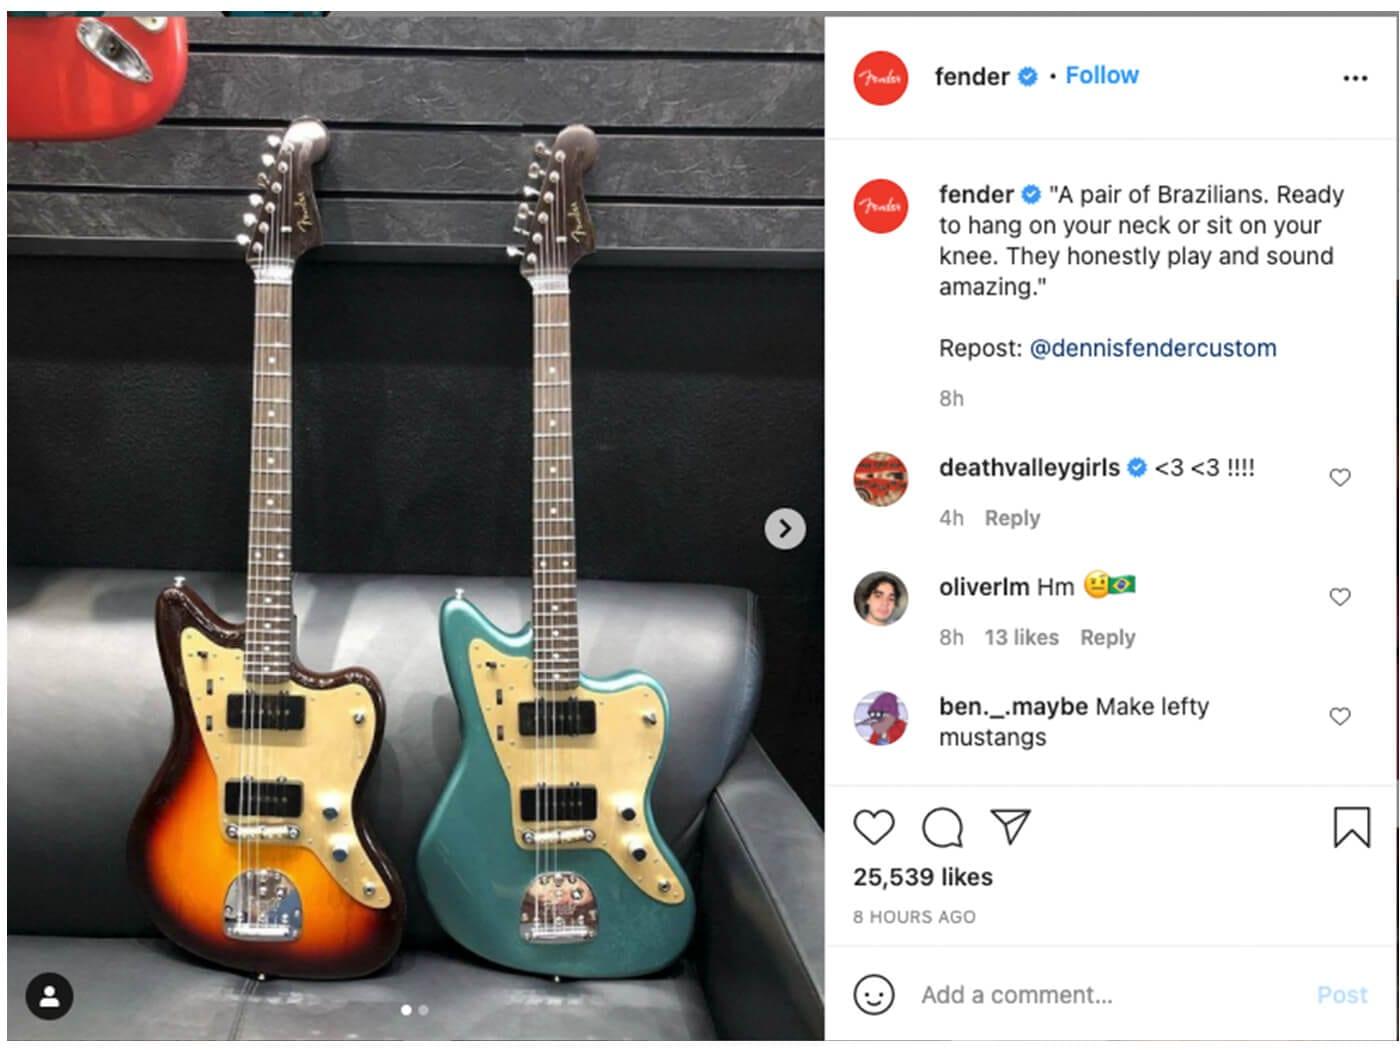 Пост Fender оскорбивший подписчиков